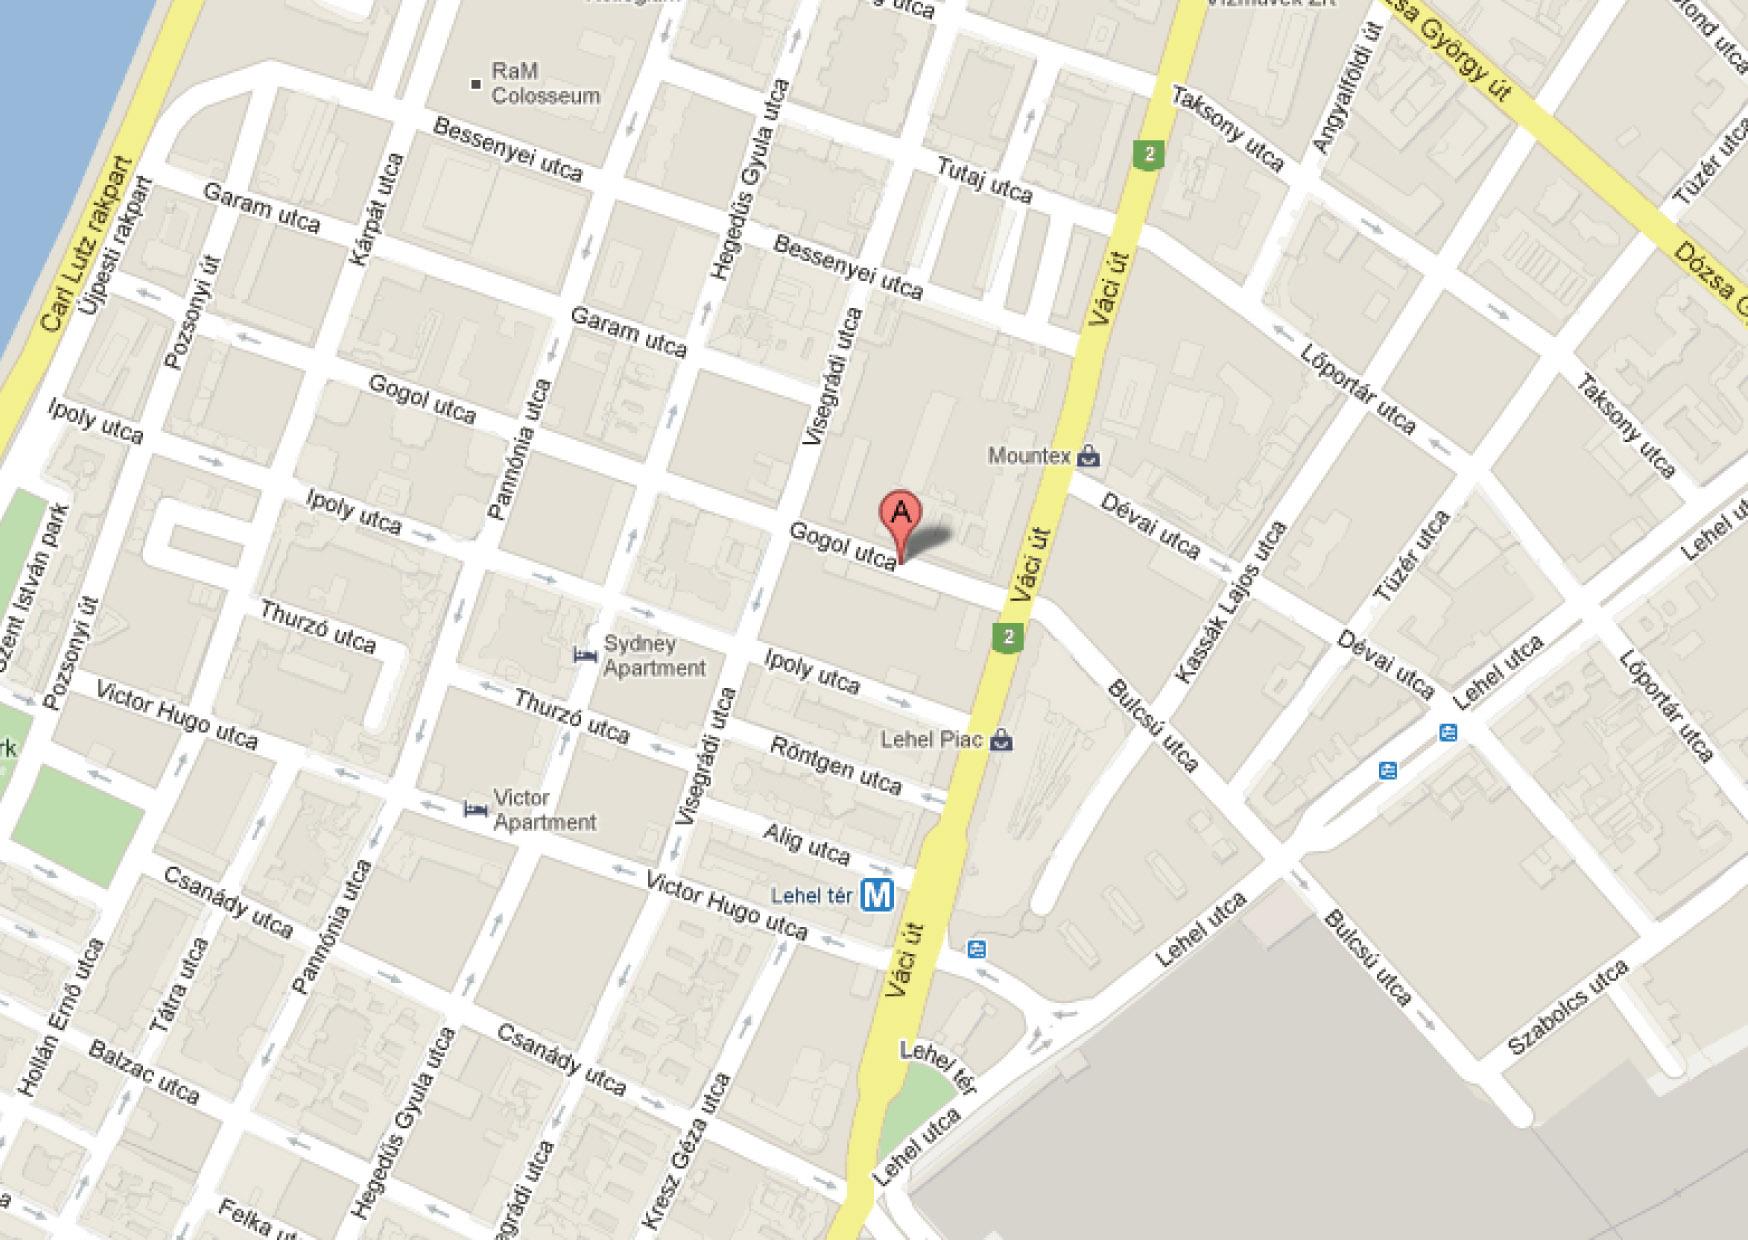 budapest utcái térkép Gogol utca üzletünk | Másoló Futár digitális nyomda budapest utcái térkép